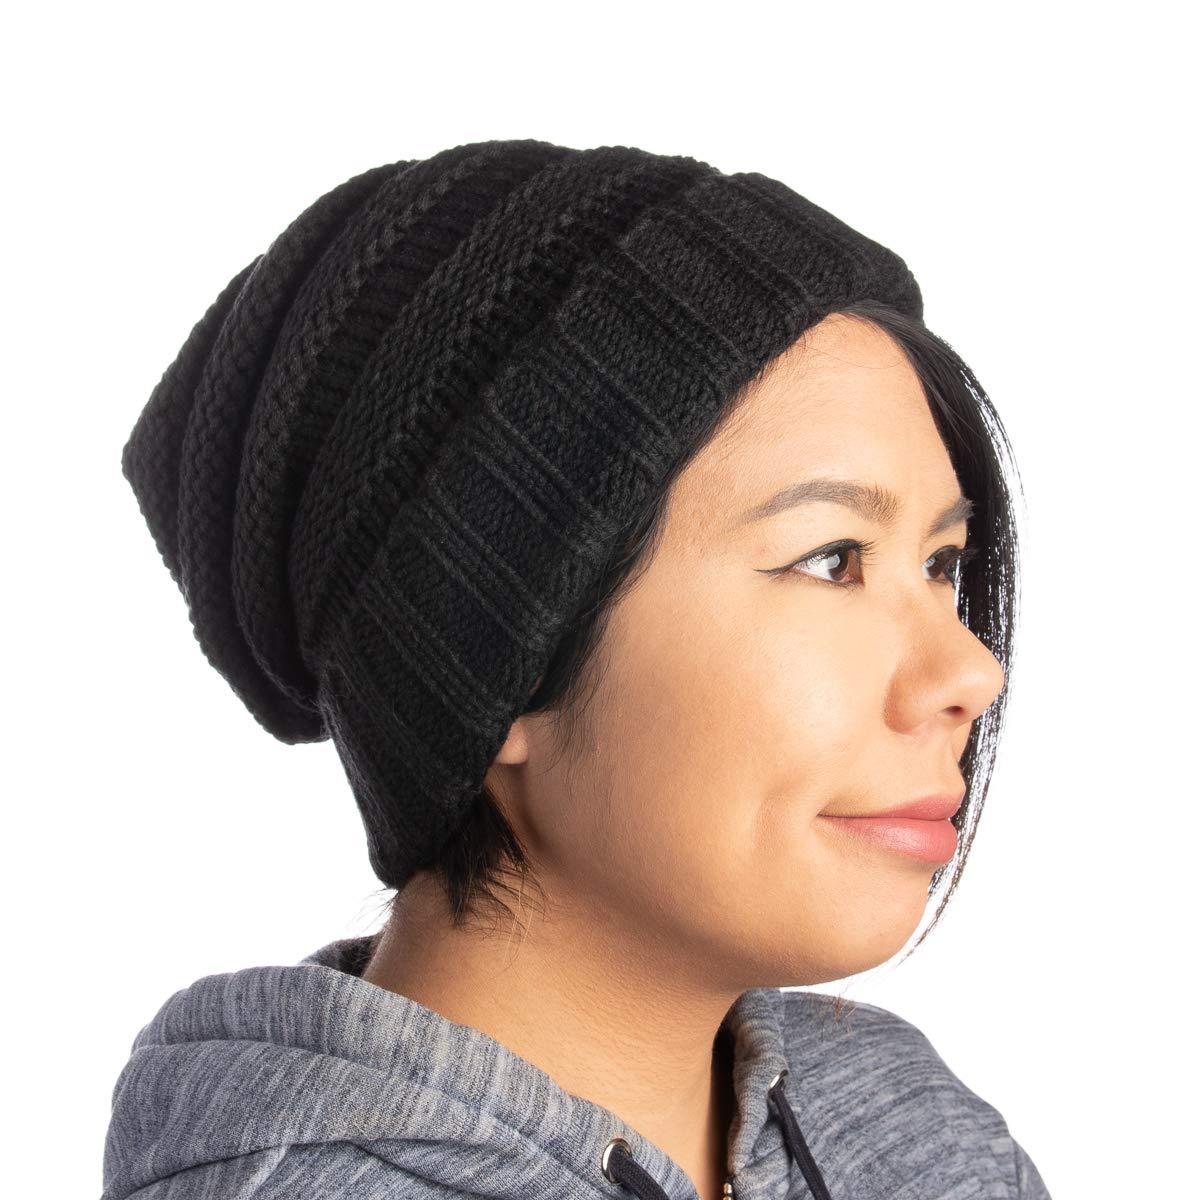 d7e864c4176 DG Hill Winter Hat For Women